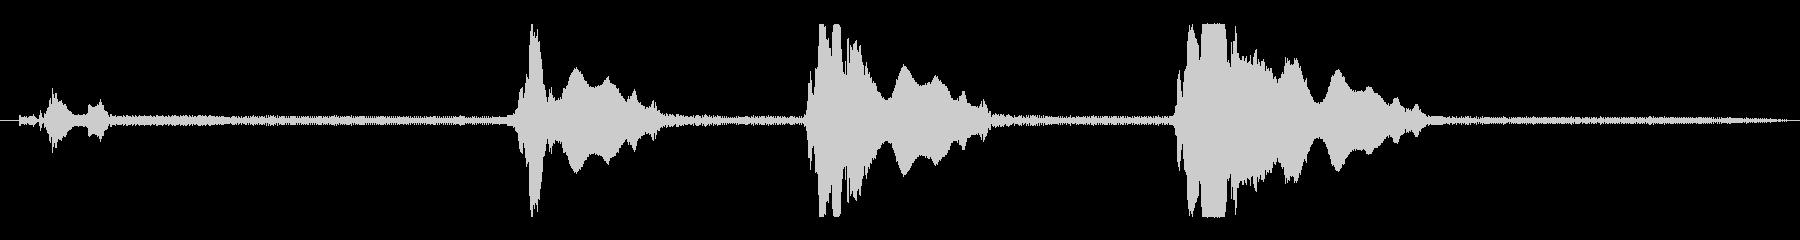 シビック-スタート、ショートアイド...の未再生の波形